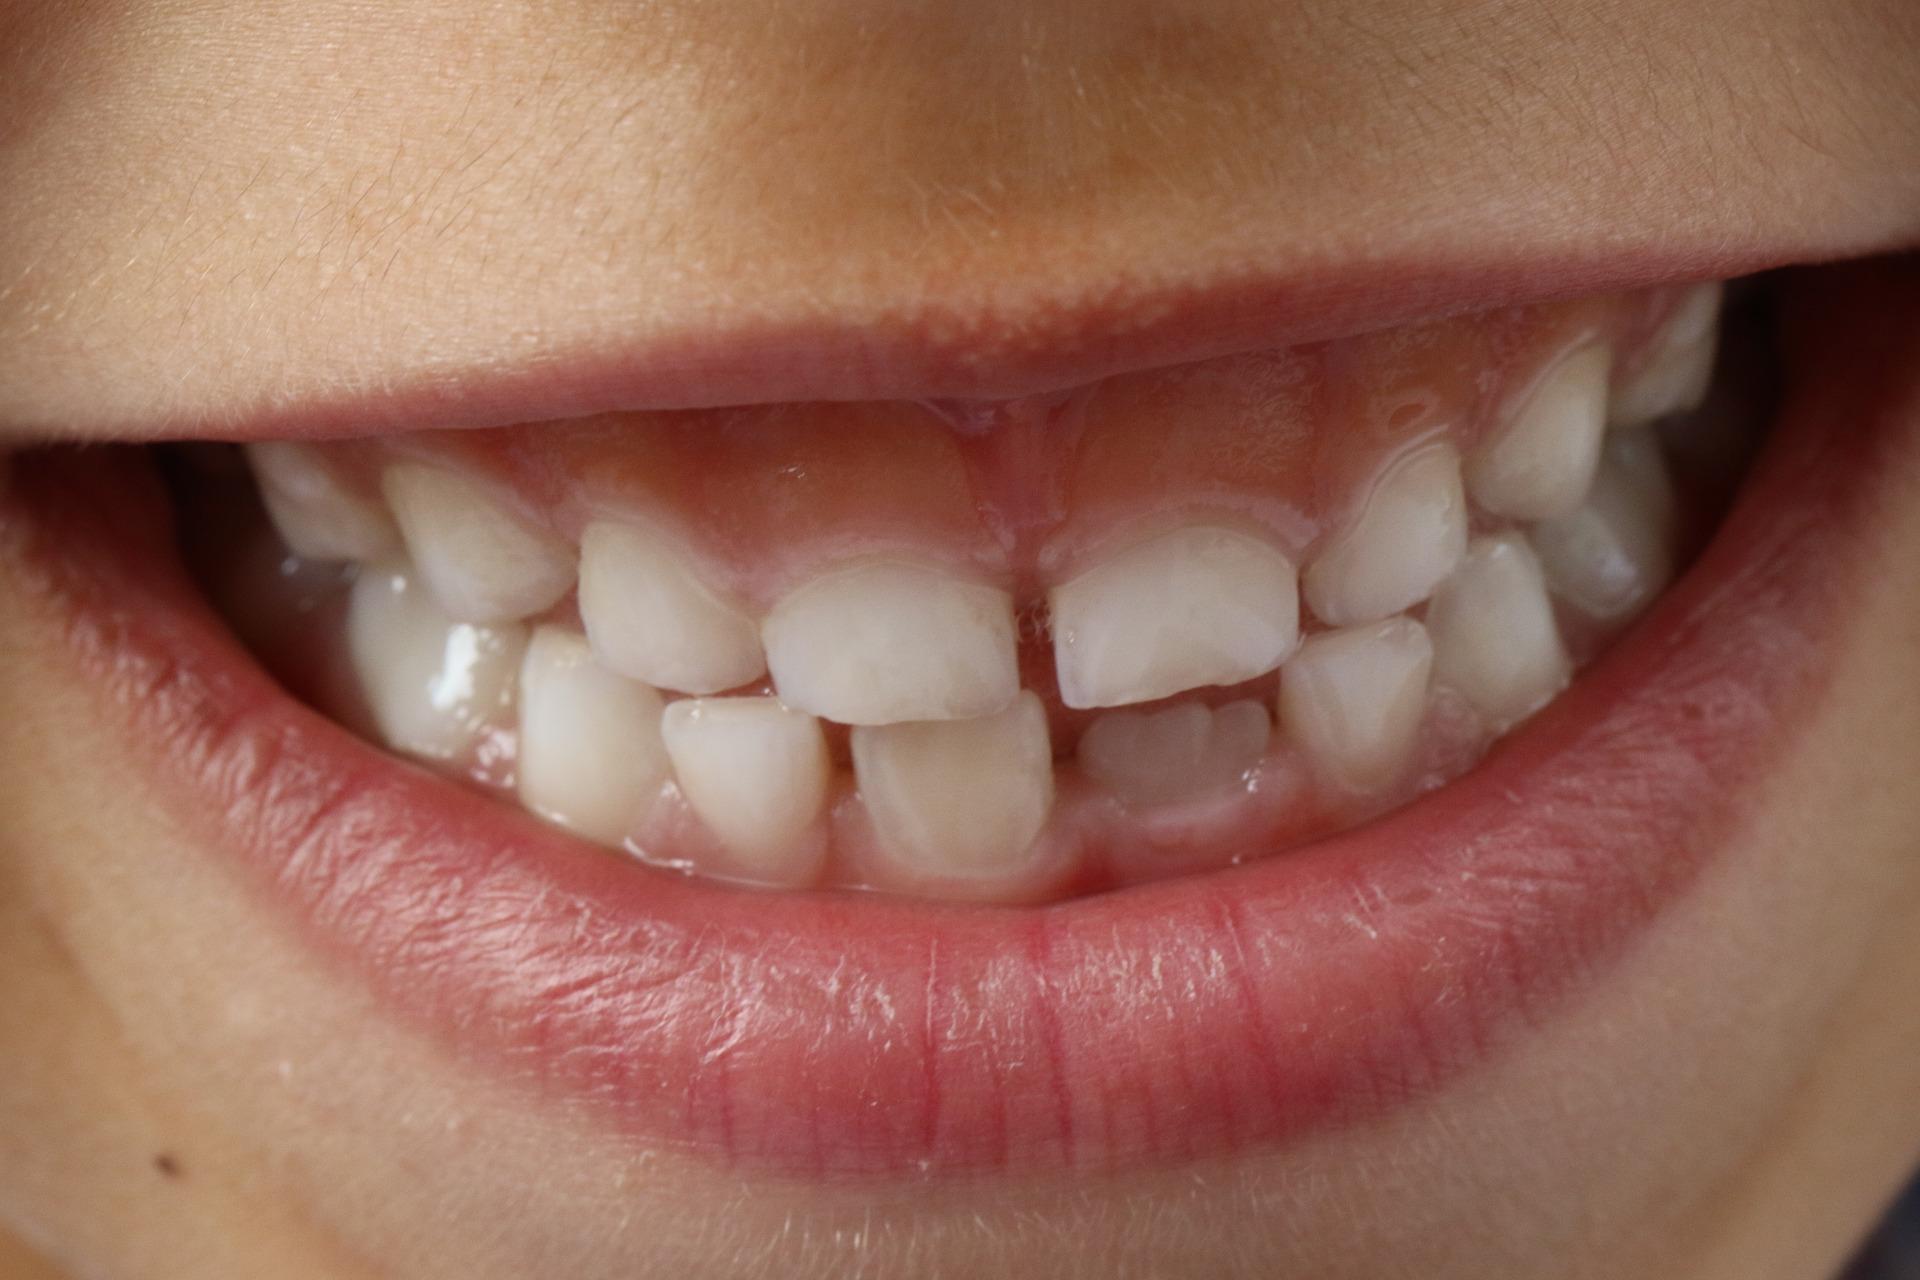 『子供の前歯に隙間ができた!!』は心配しないでください。